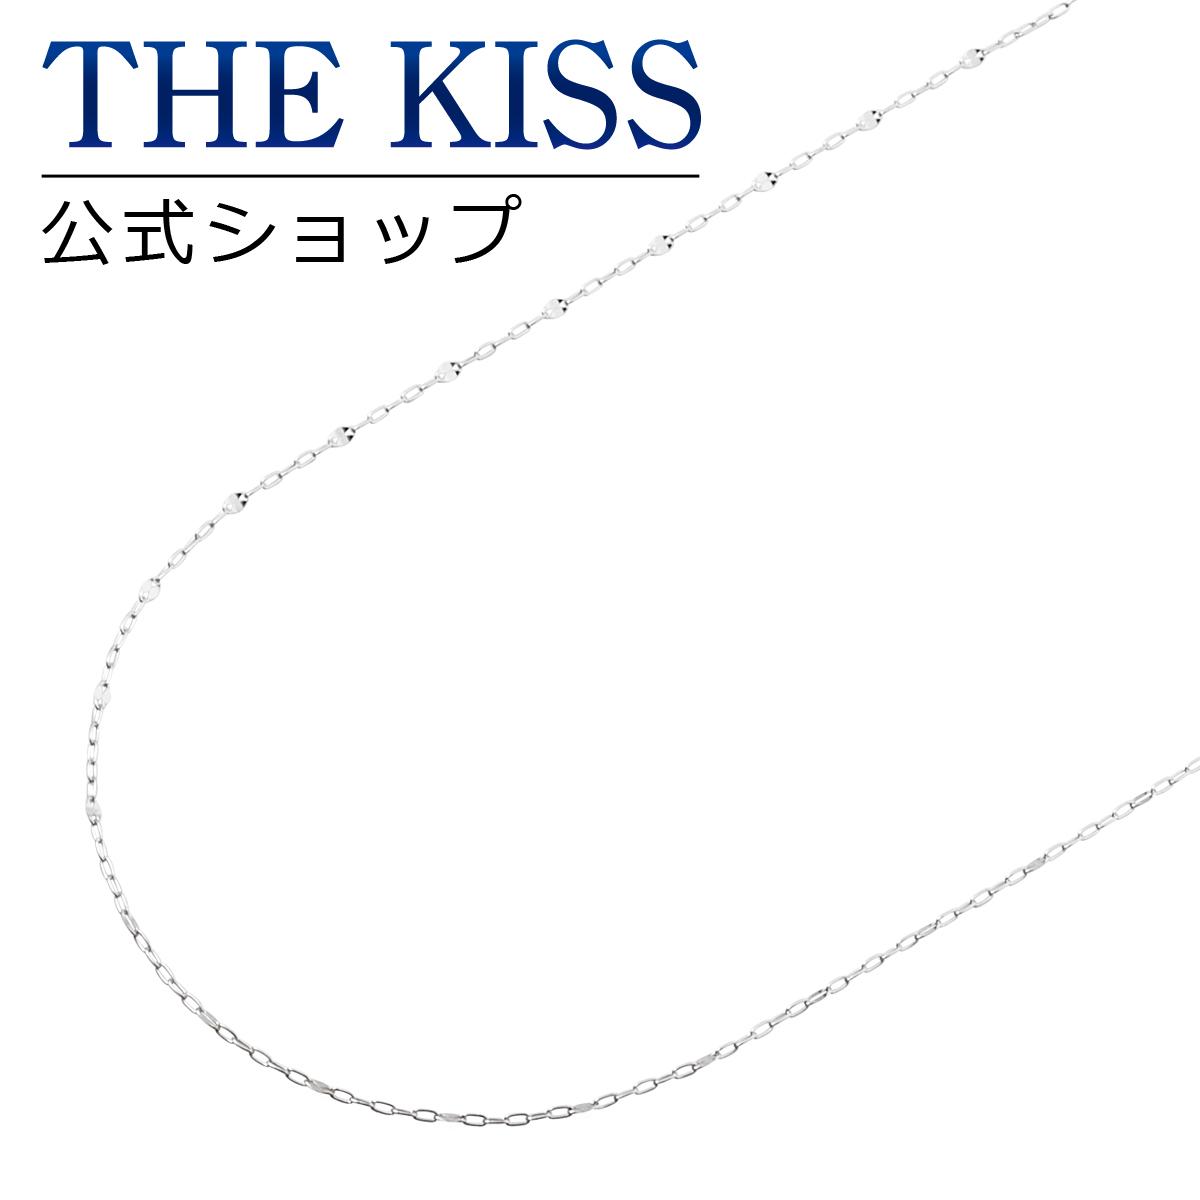 【あす楽対応】【送料無料】【THE KISS sweets】K10ホワイトゴールド チェーン 40cm☆